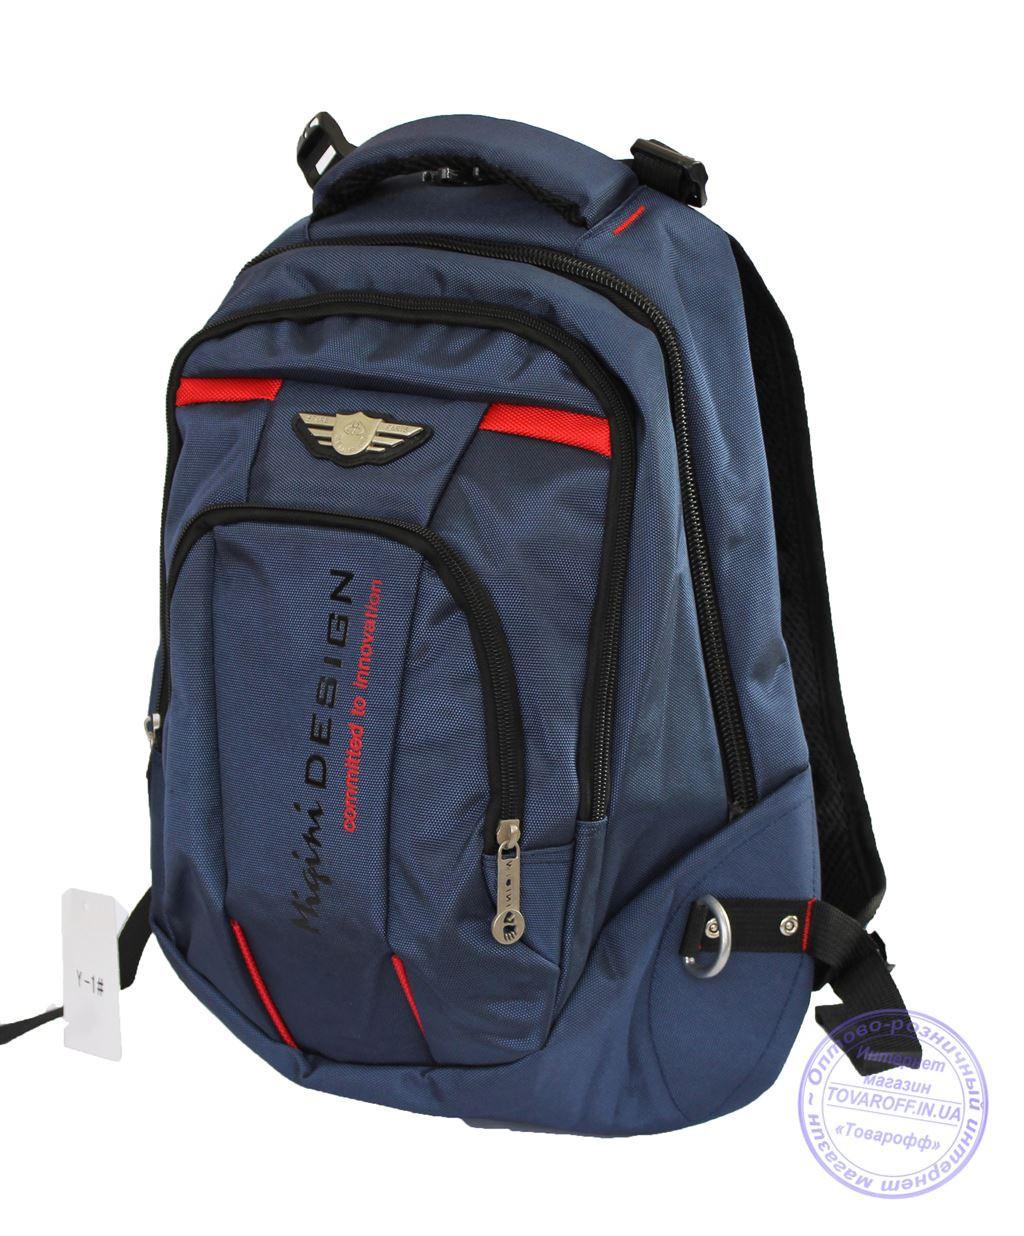 Рюкзак к школе опт детские рюкзаки на колесиках для девочек монстр хай